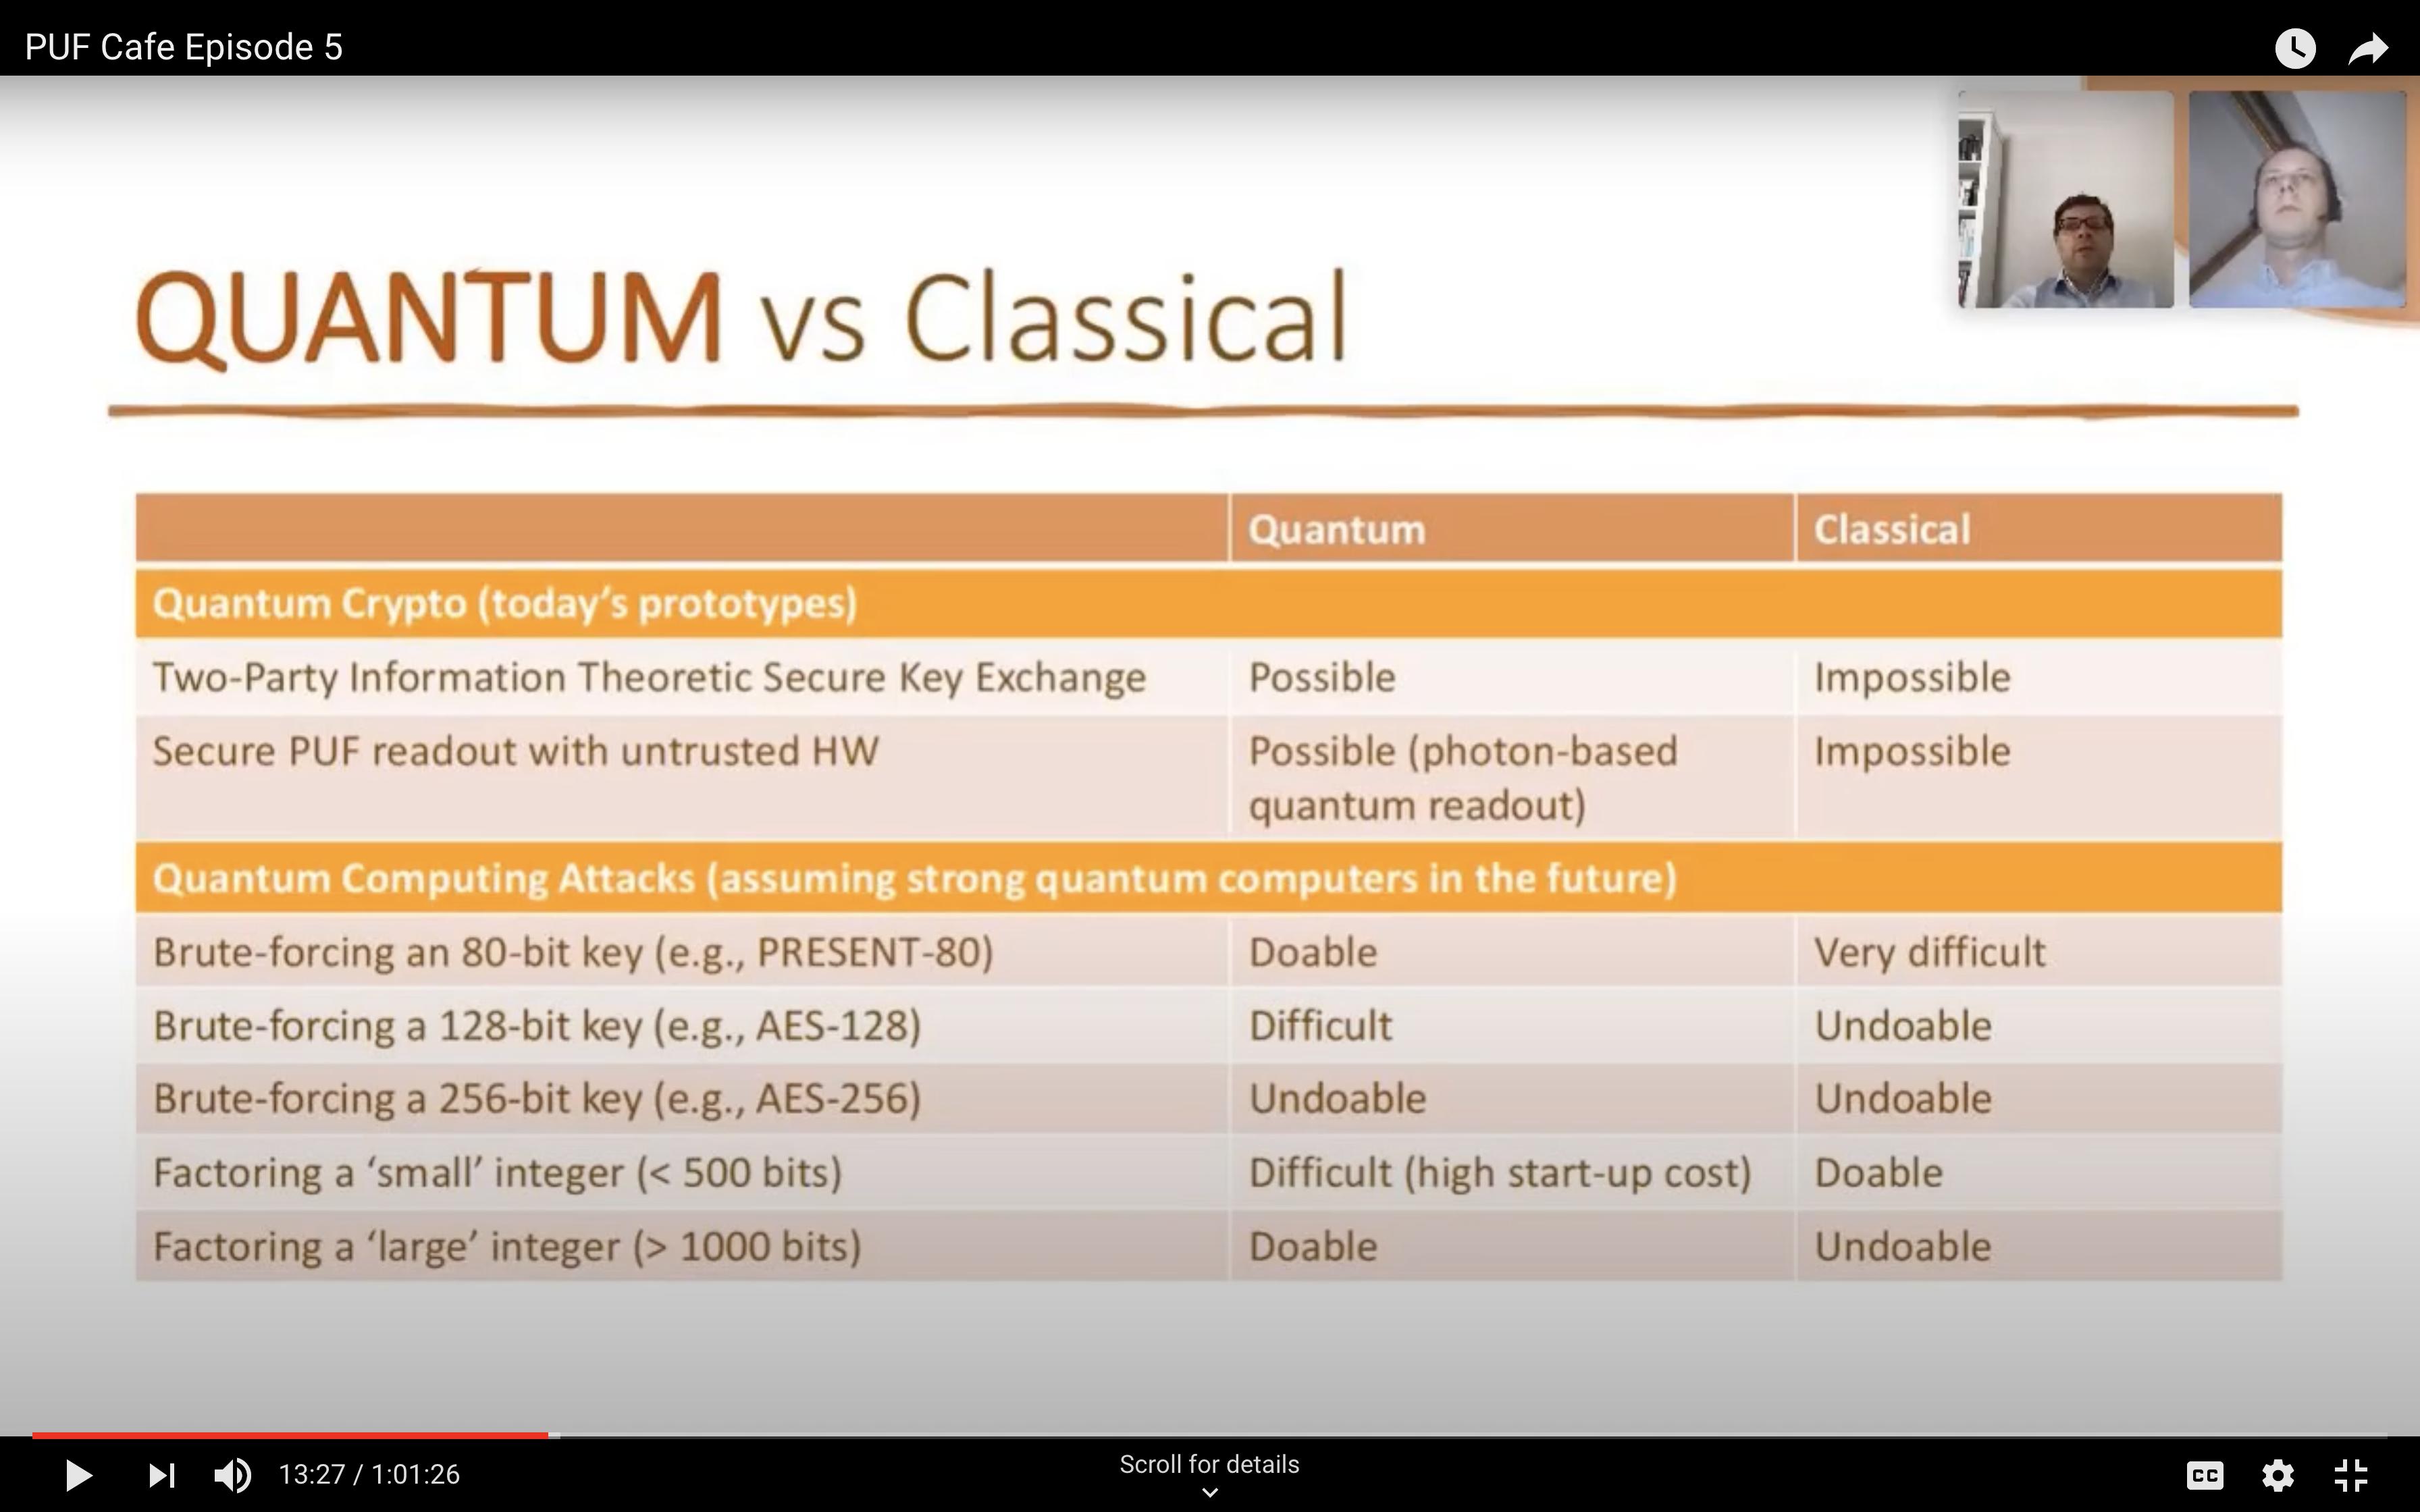 Quantum vs Classical